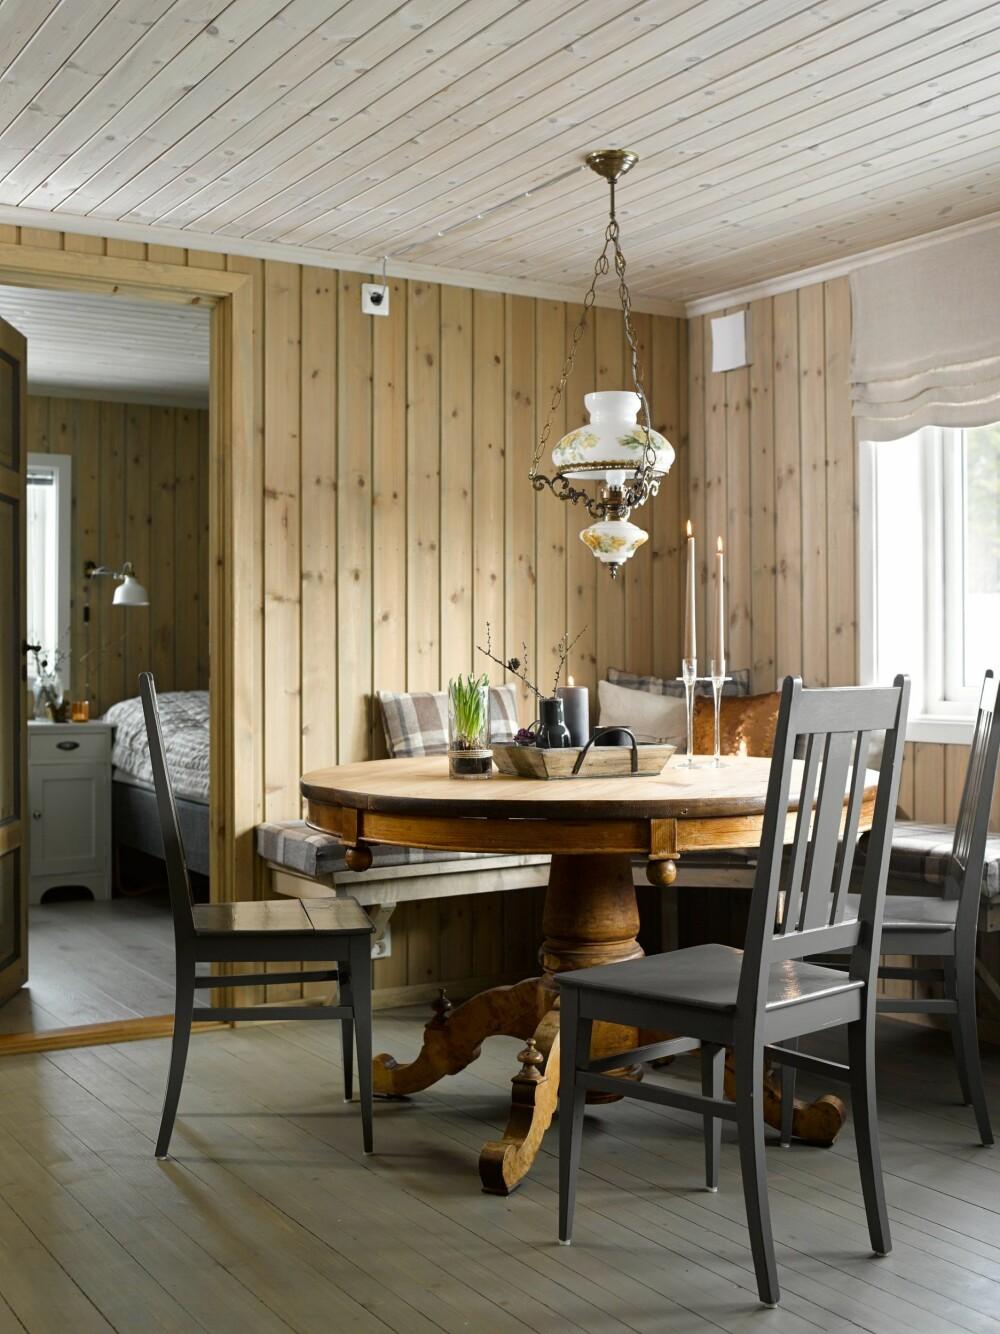 SAMLINGSPUNKT: Spisebordet har vært på hytta lenge. Lampen etter Grethes svigerfar fikk strøm for lenge siden. Spisebordet er behandlet med naturell Osmo hardvoksolje. Stolenes grå nyanser tar opp fargen fra de tynne listene i dørene.